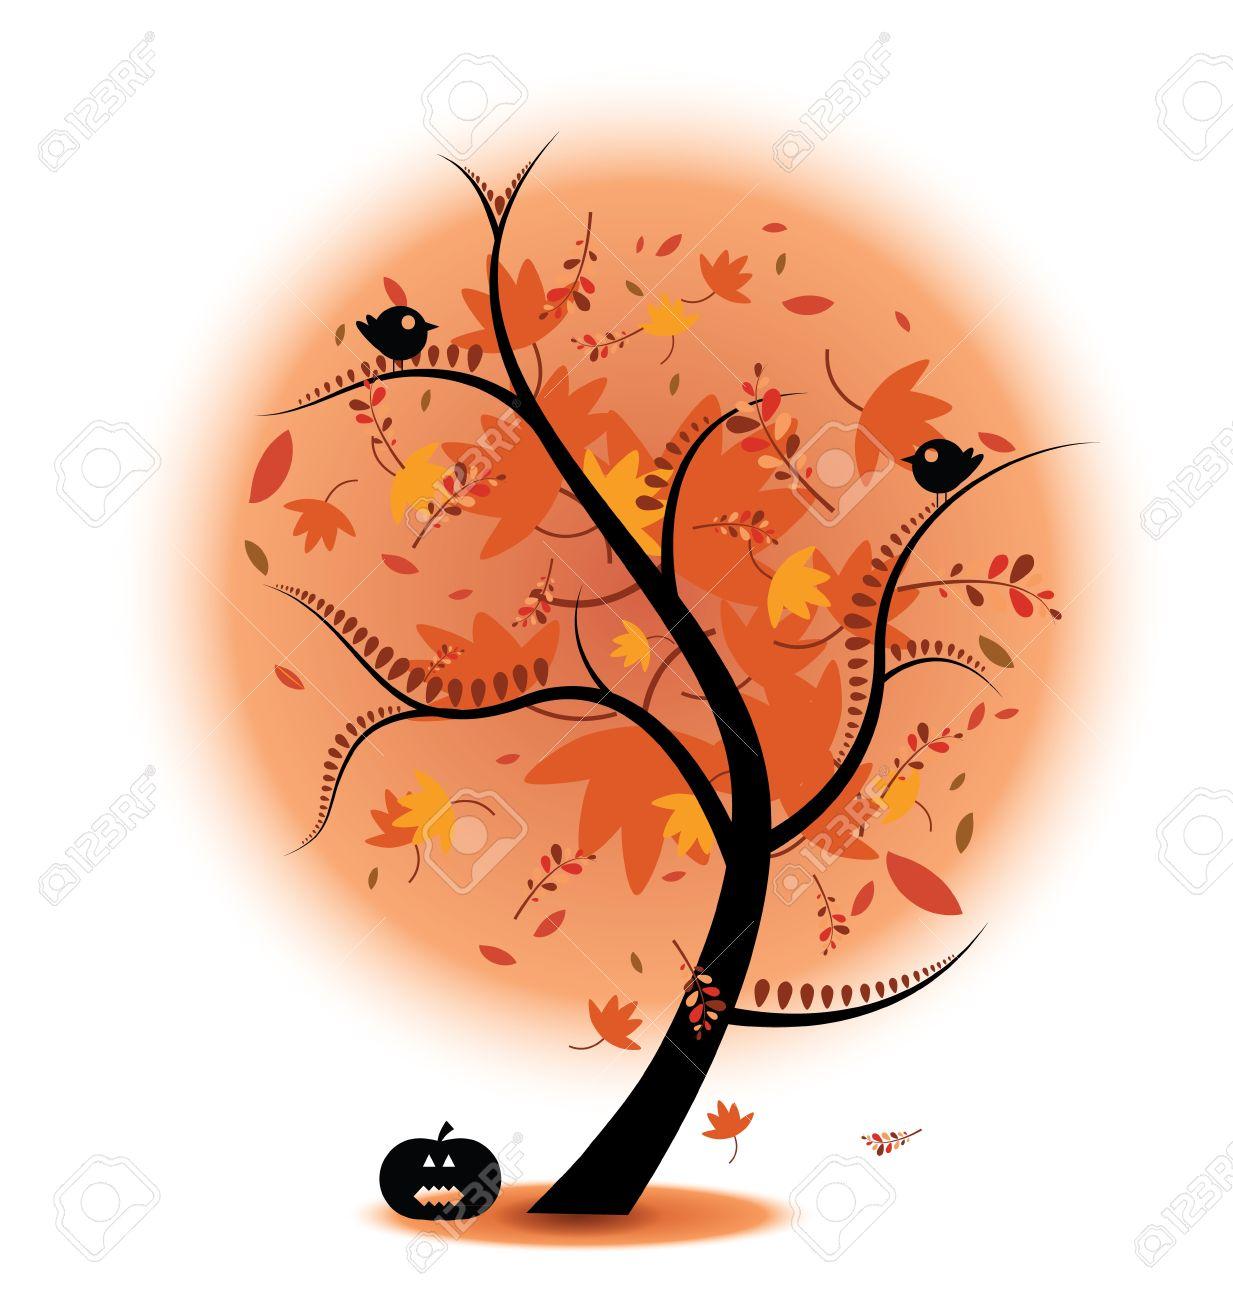 秋の木在庫イラスト鳥とカボチャを完了します。秋のテーマに最適です